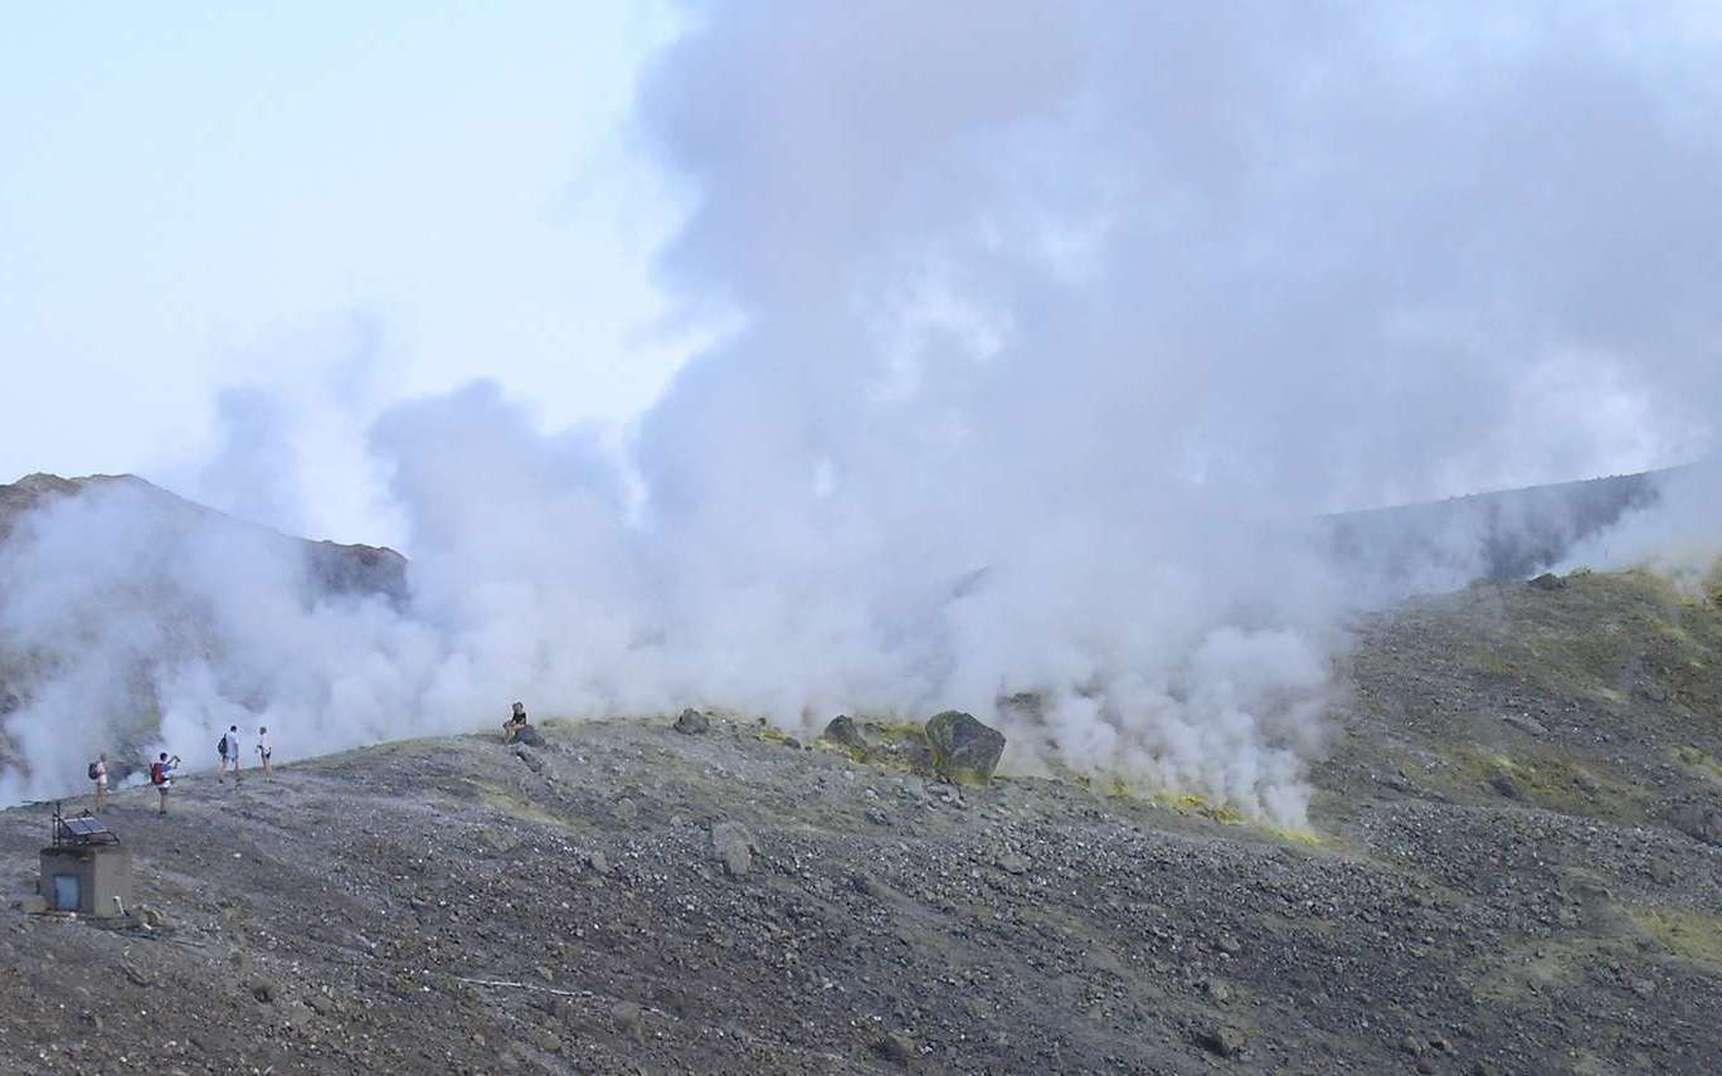 Des fumerolles composées en majorité de vapeur d'eau s'élèvent des bords du cratère de La Fossa sur l'île de Vulcano. © Laurent Sacco, Futura